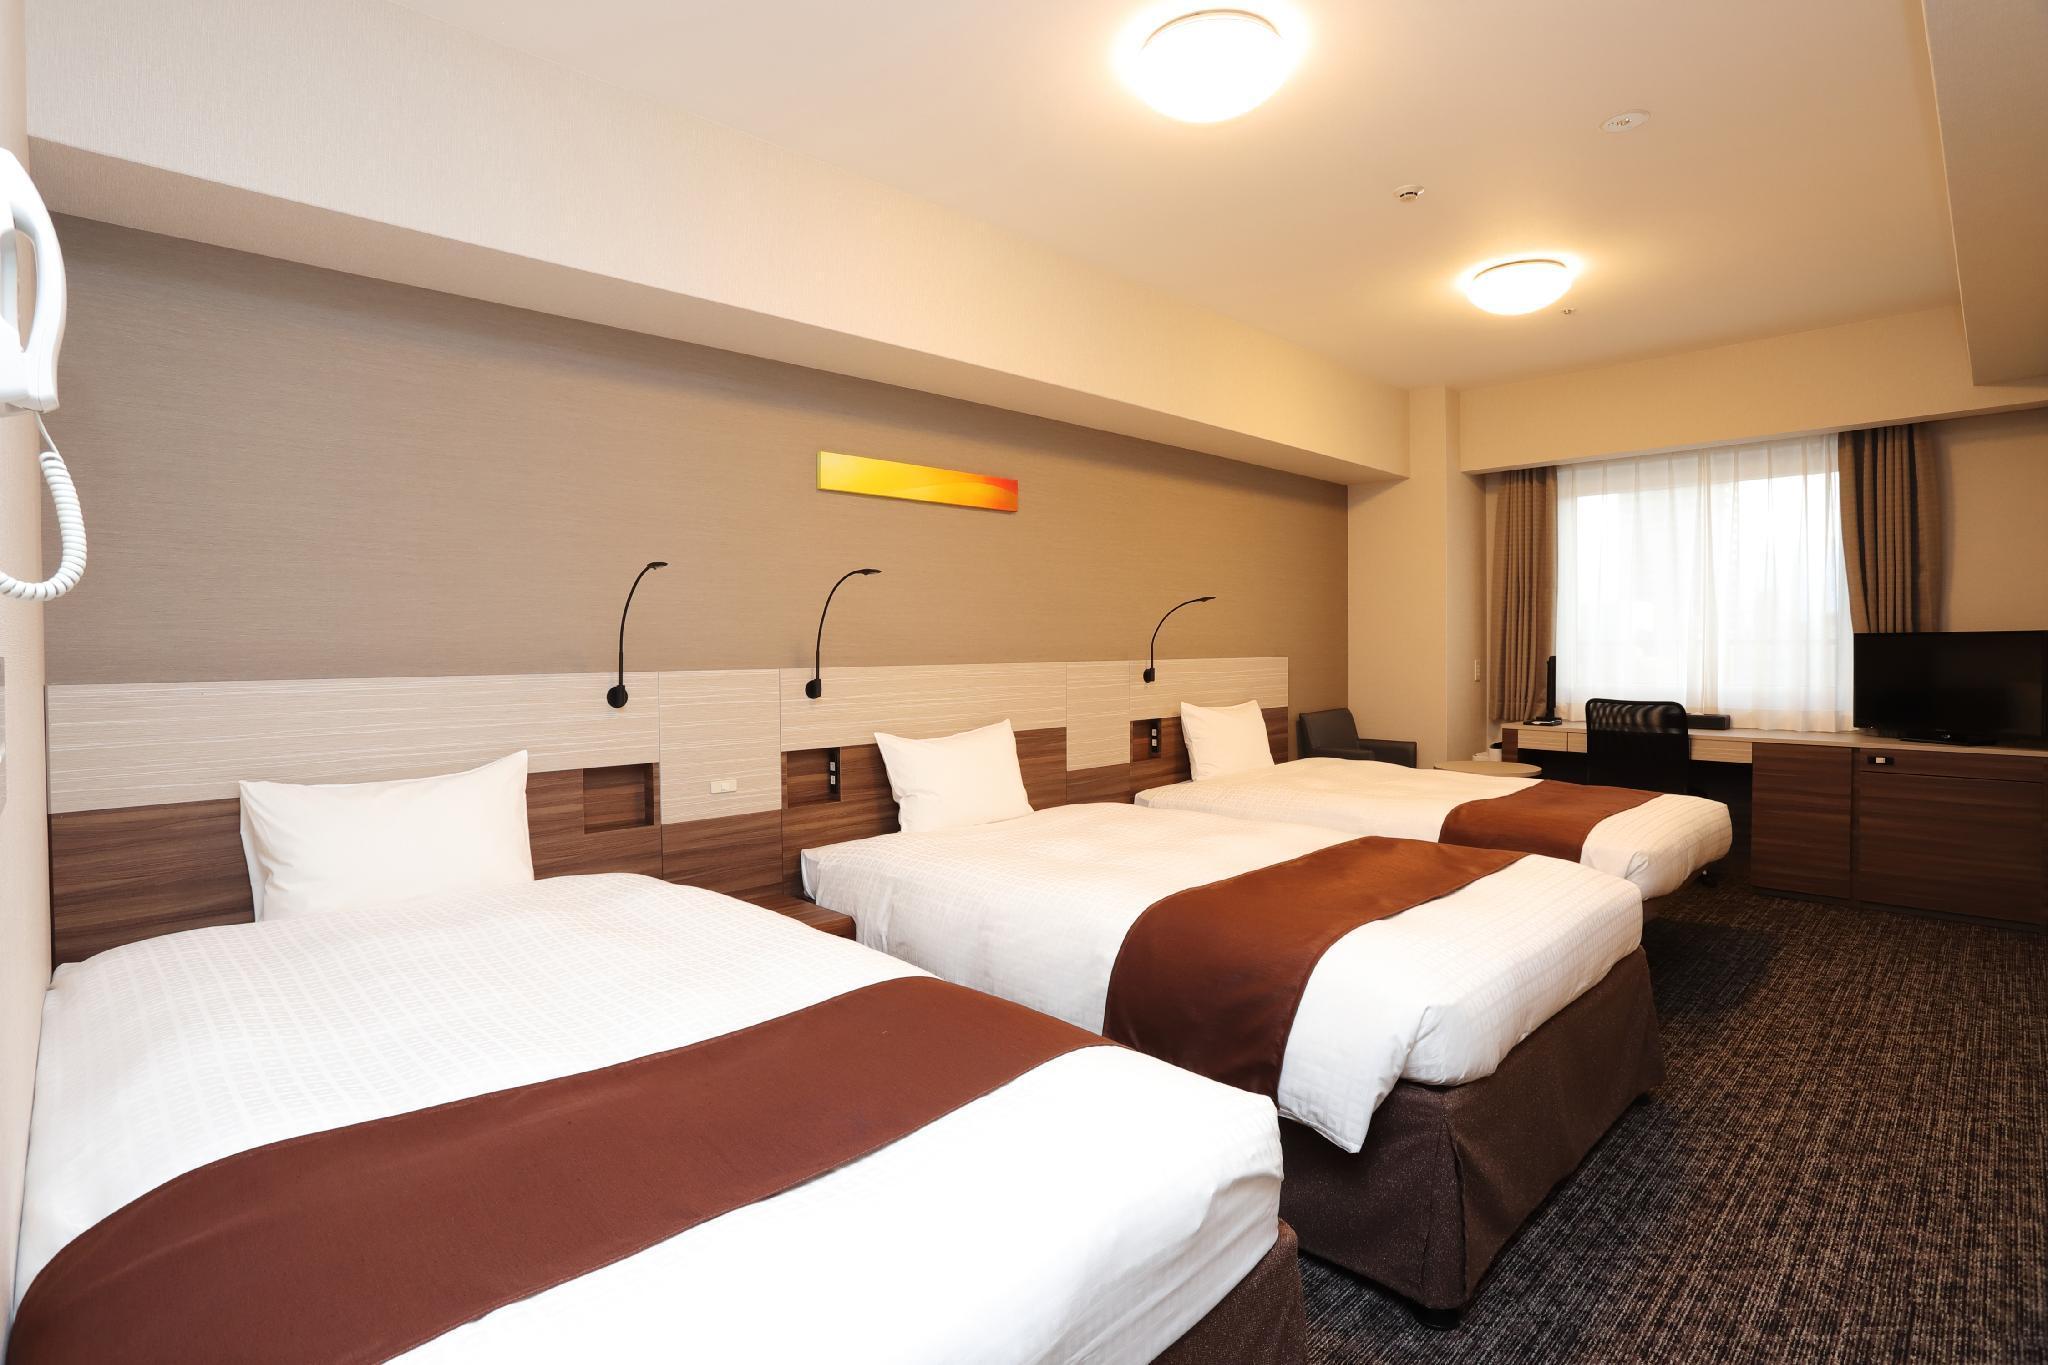 大阪微笑酒店PREMIUM大阪本町 (Smile Hotel Premium Osaka Hommachi) - Agoda 提供行程前一刻網上即時優惠價格訂房服務